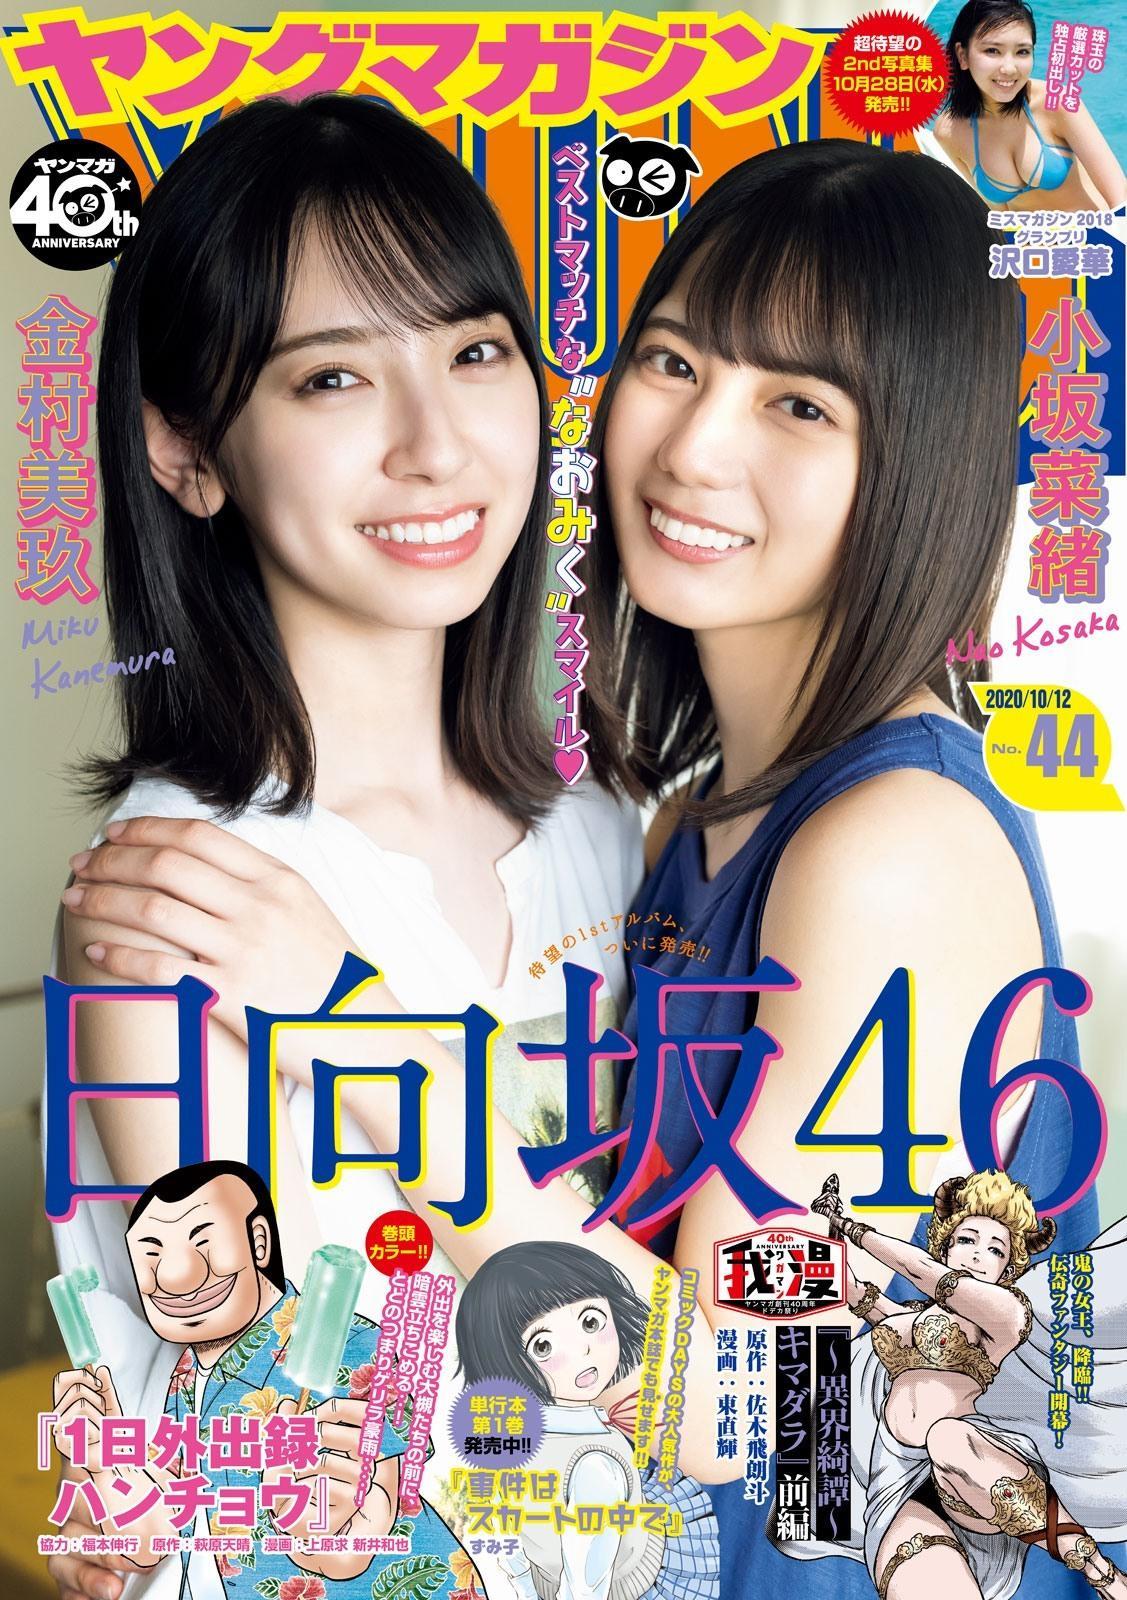 小坂菜绪 金村美玖 沢口爱华 Young Magazine